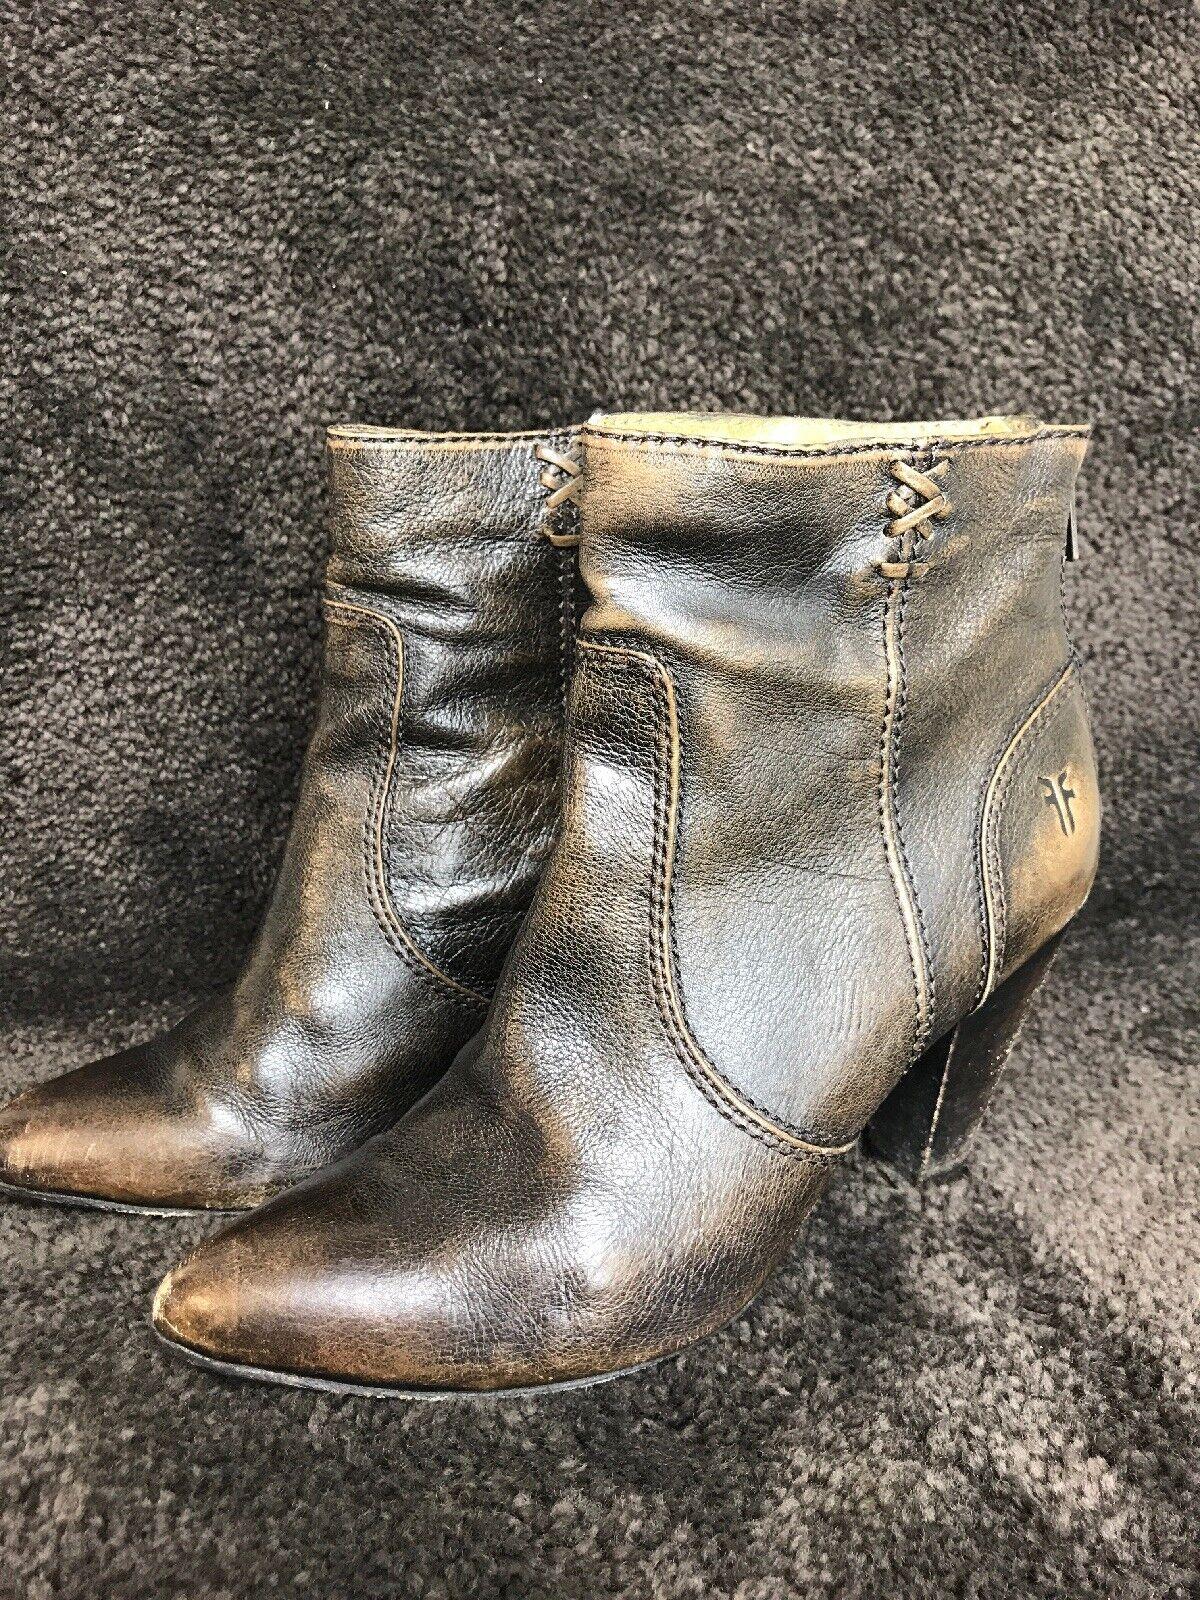 donna's Frye Regina Heel avvioie Ankle Heel Sz 6M Marronee Vintage Look